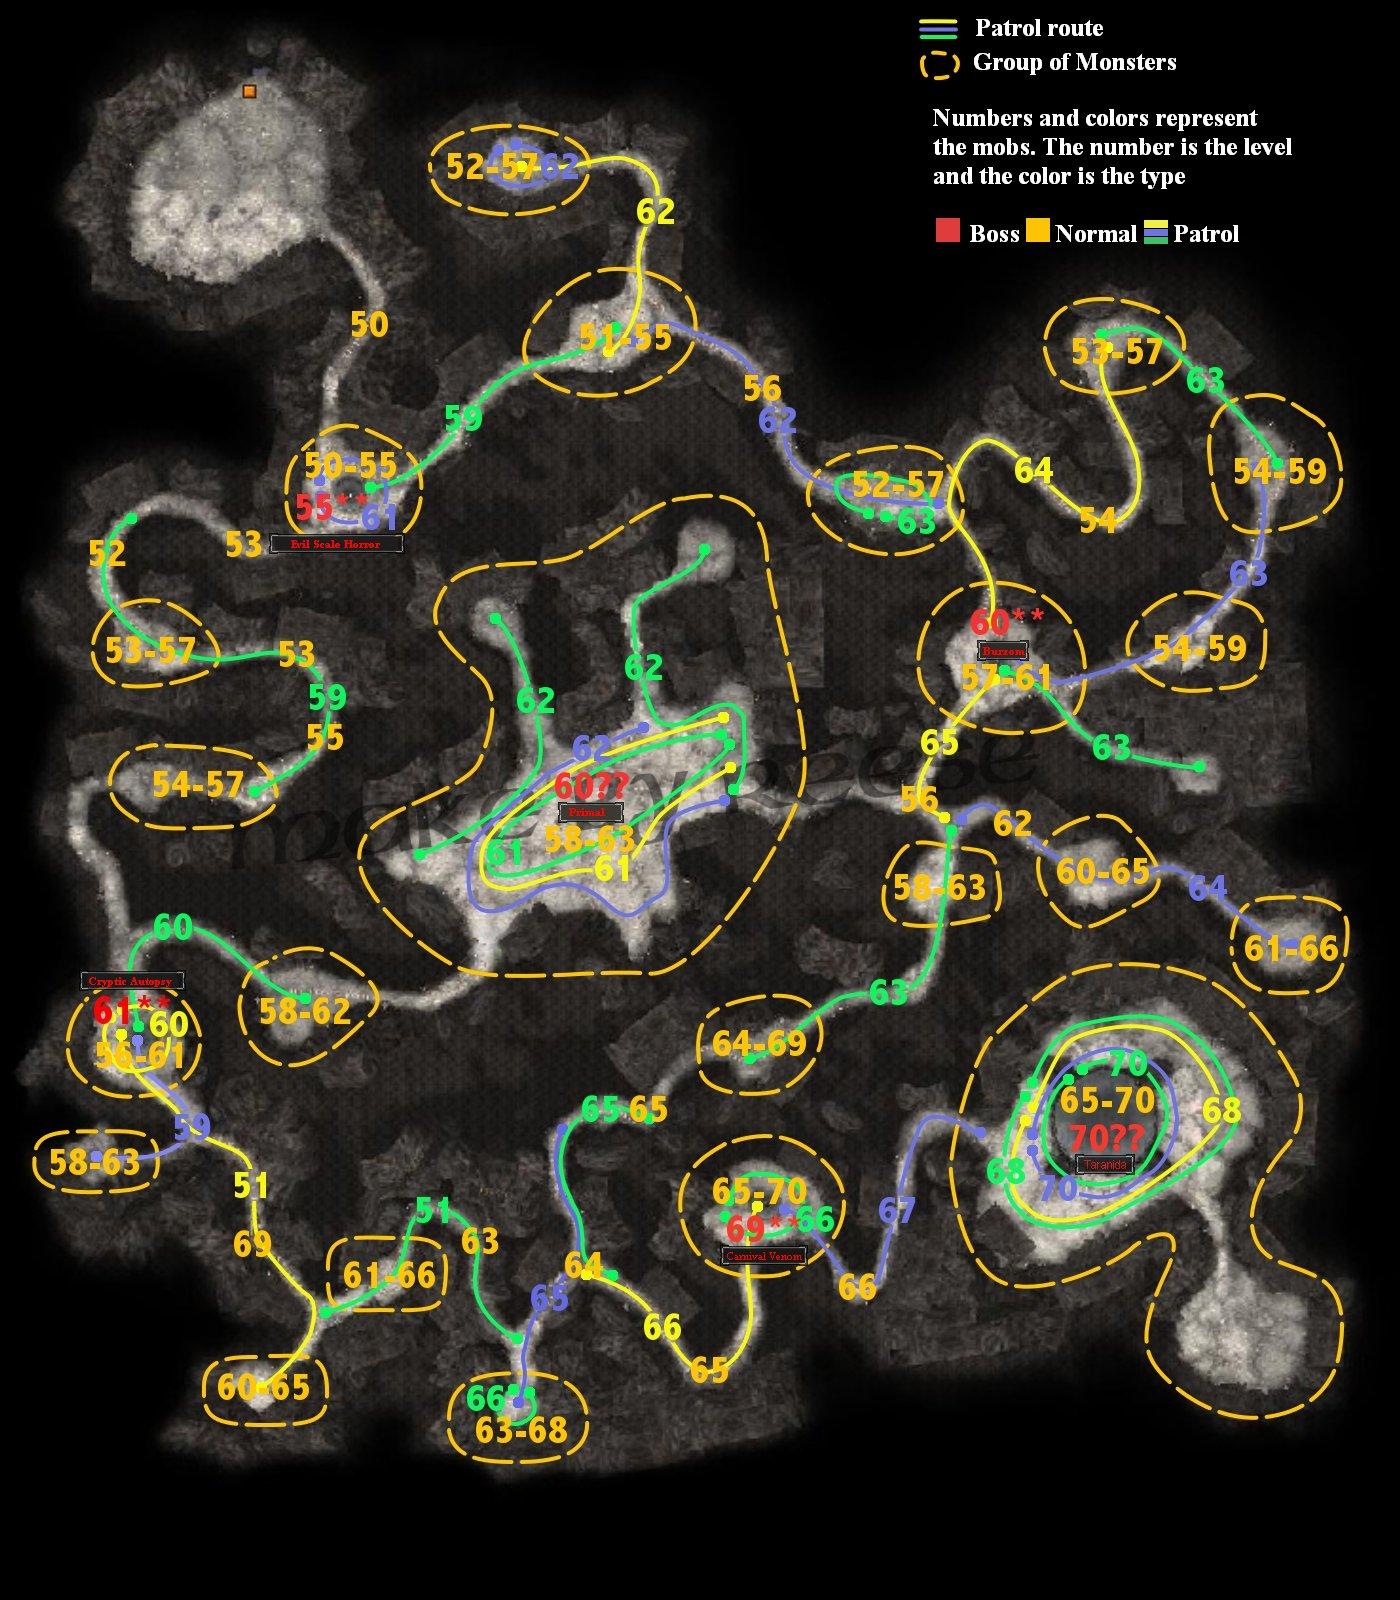 http://4.bp.blogspot.com/-fgzUQ7HqWLM/Tat8d7BXhrI/AAAAAAAABTI/9kgRnkH5Yk8/s1600/Rappelz_Lost_mine_MobLevels.jpg